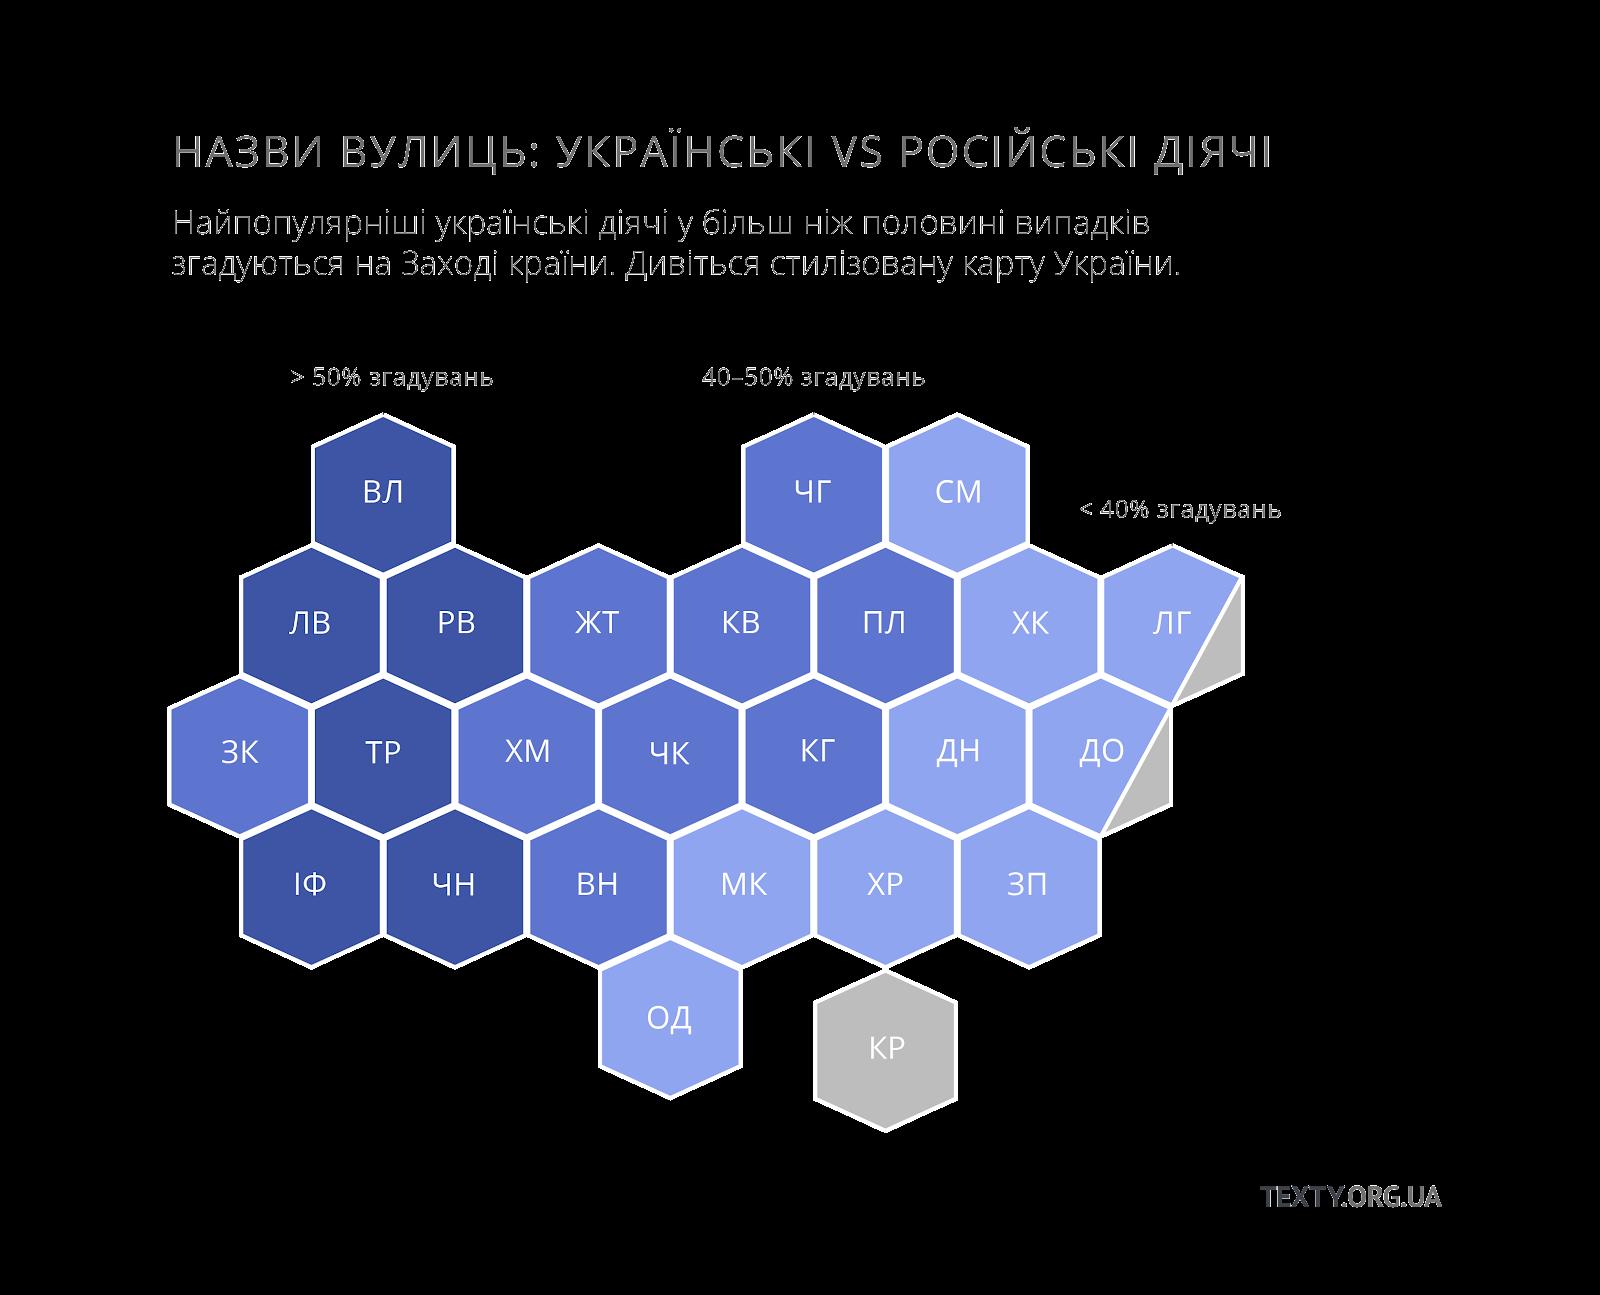 Українські та російські іменні вулиці на капрті України